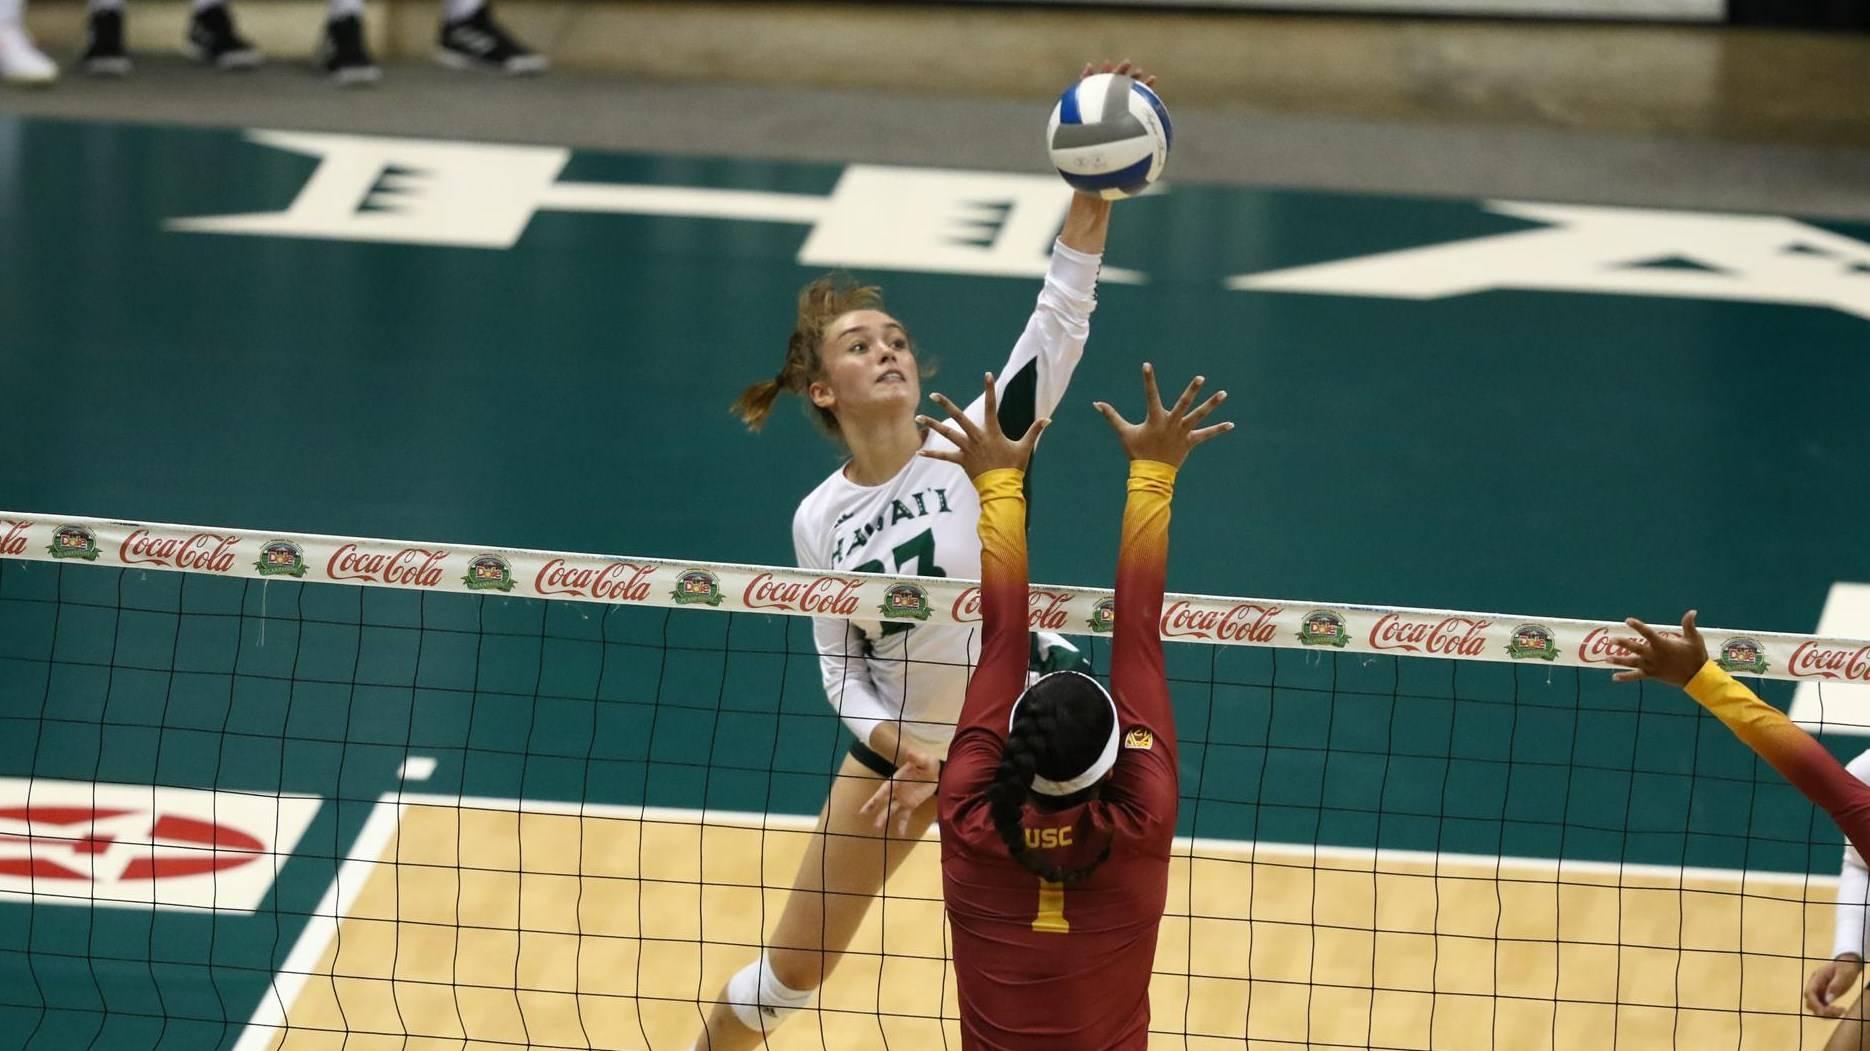 Annika de Goede: Player of the Weekend!